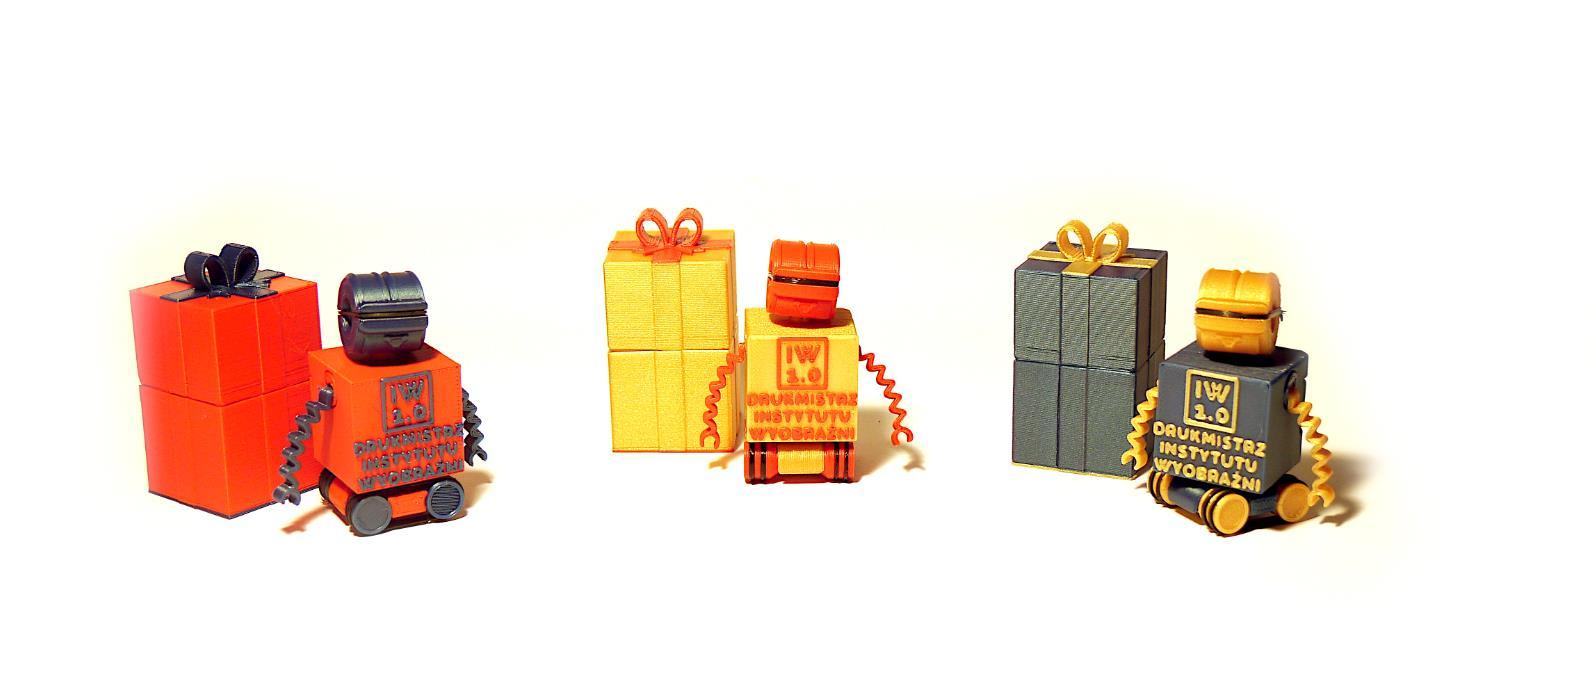 warianty kolorystyczne robota drukmistrz IW 1.0